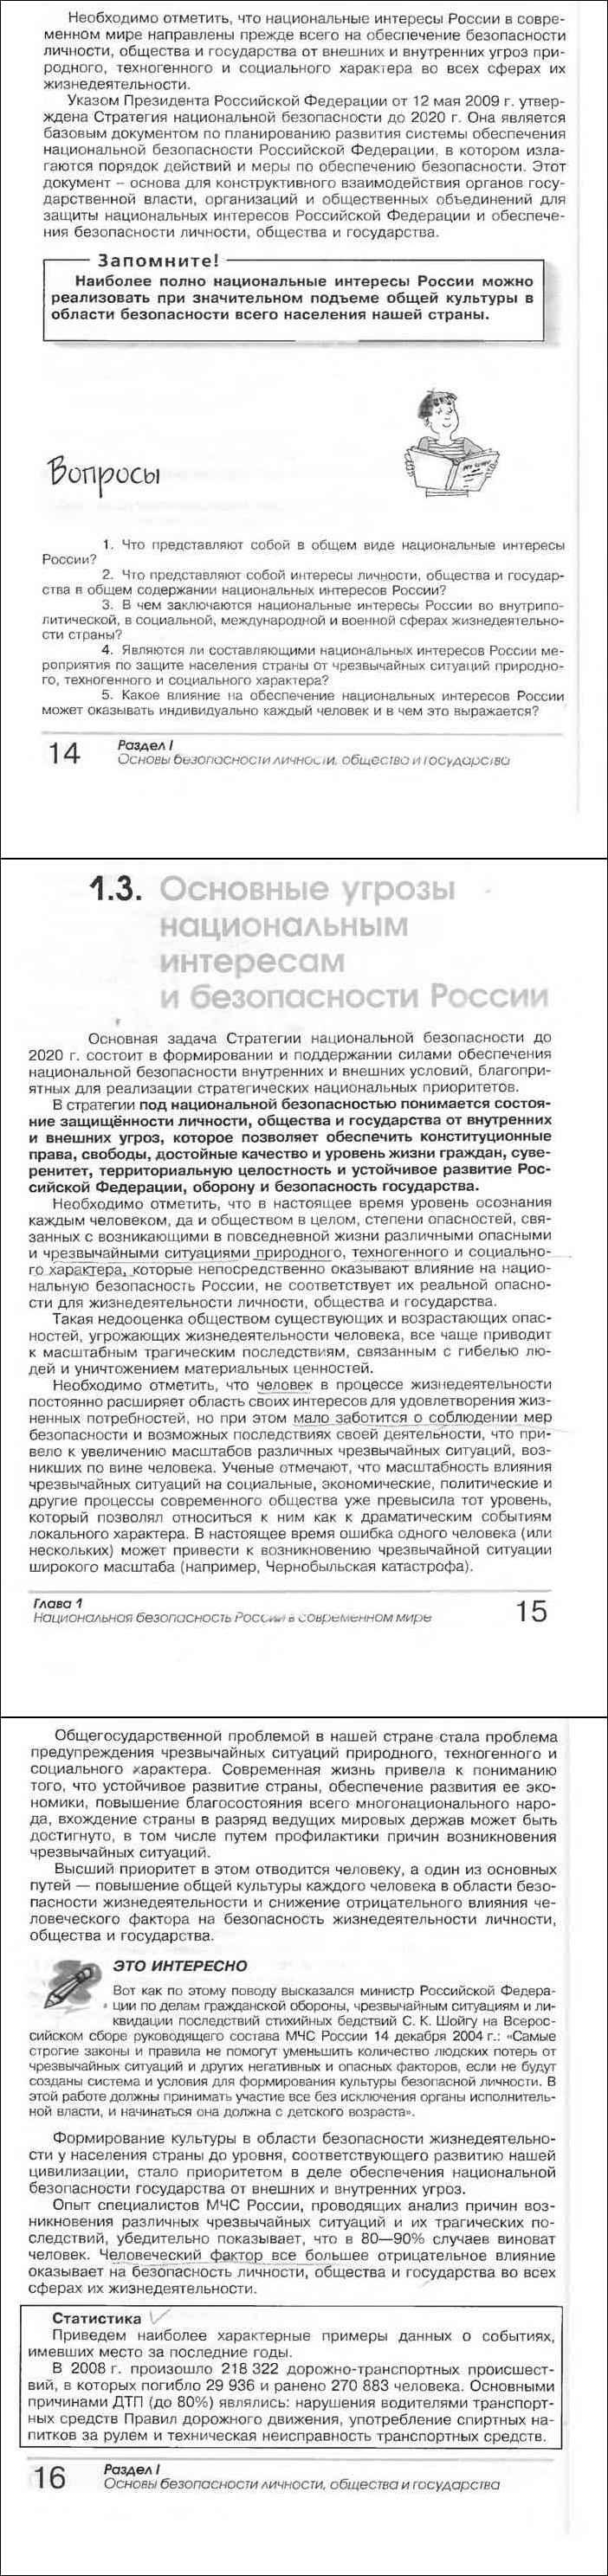 военные угрозы национальной безопасности россии кратко